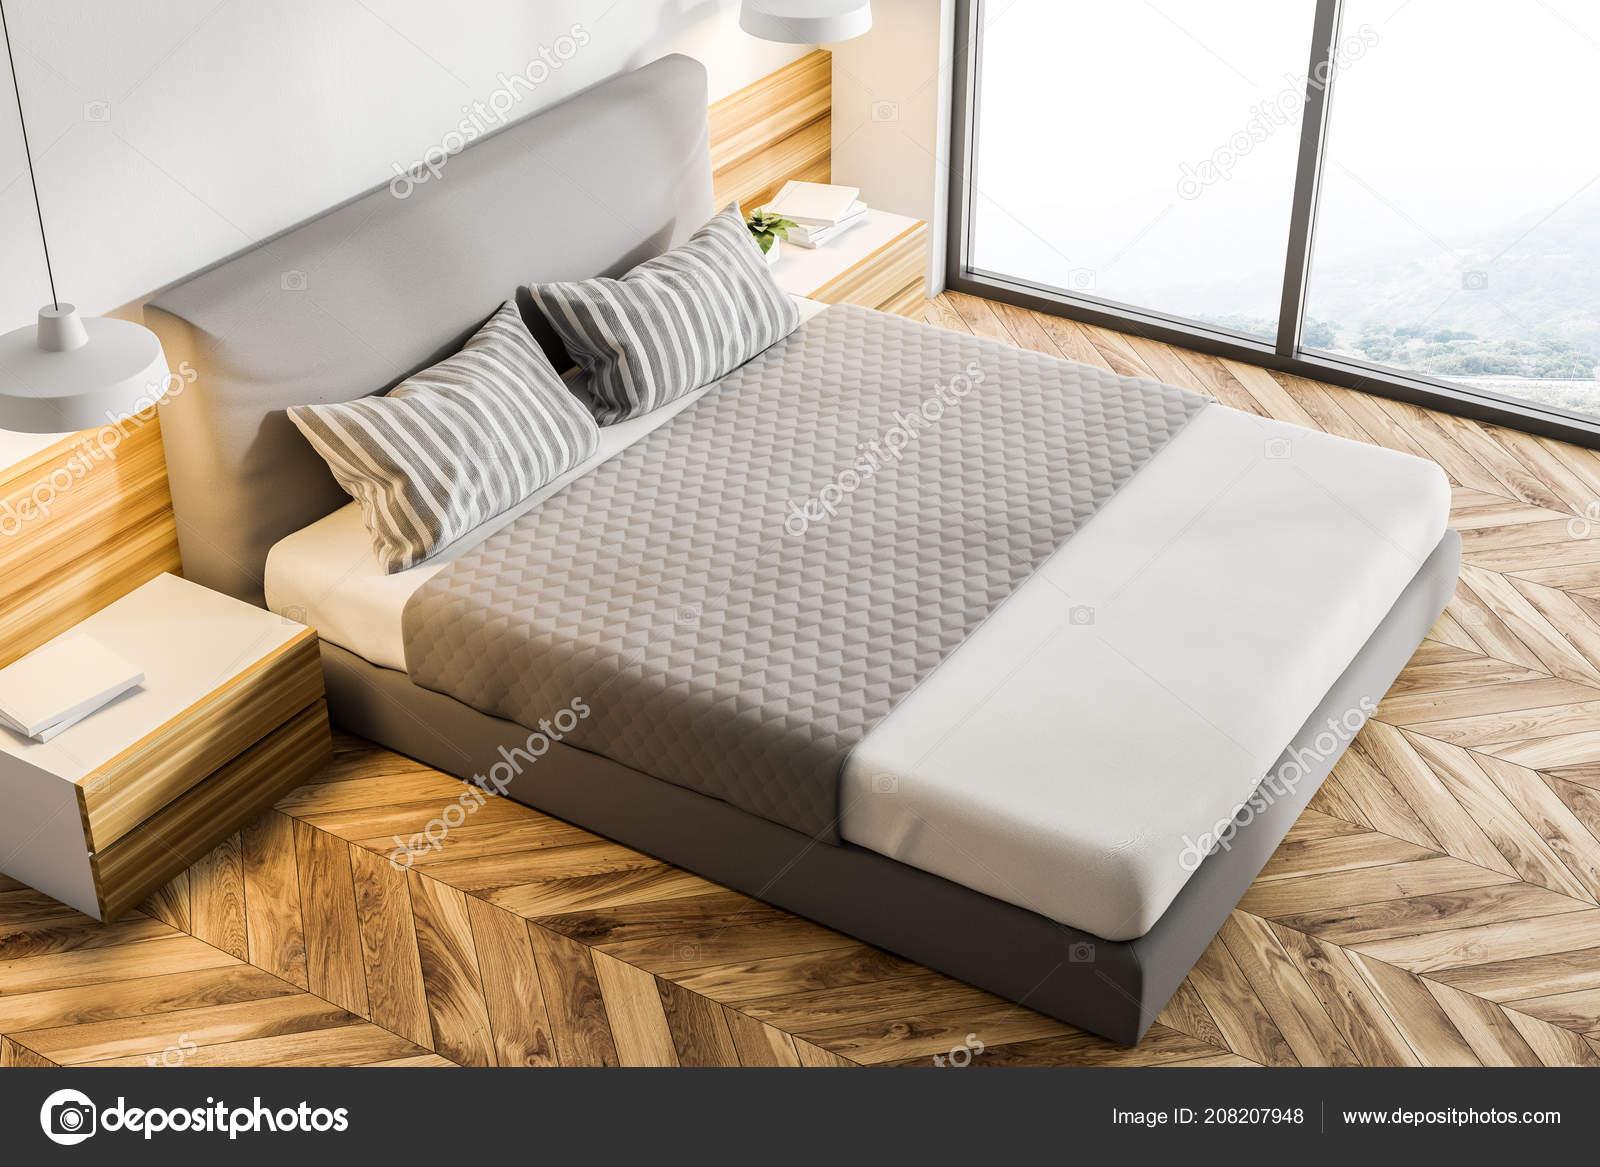 Fußboden Schlafzimmer Lampen ~ Draufsicht auf eine moderne schlafzimmer mit weißen wänden einen